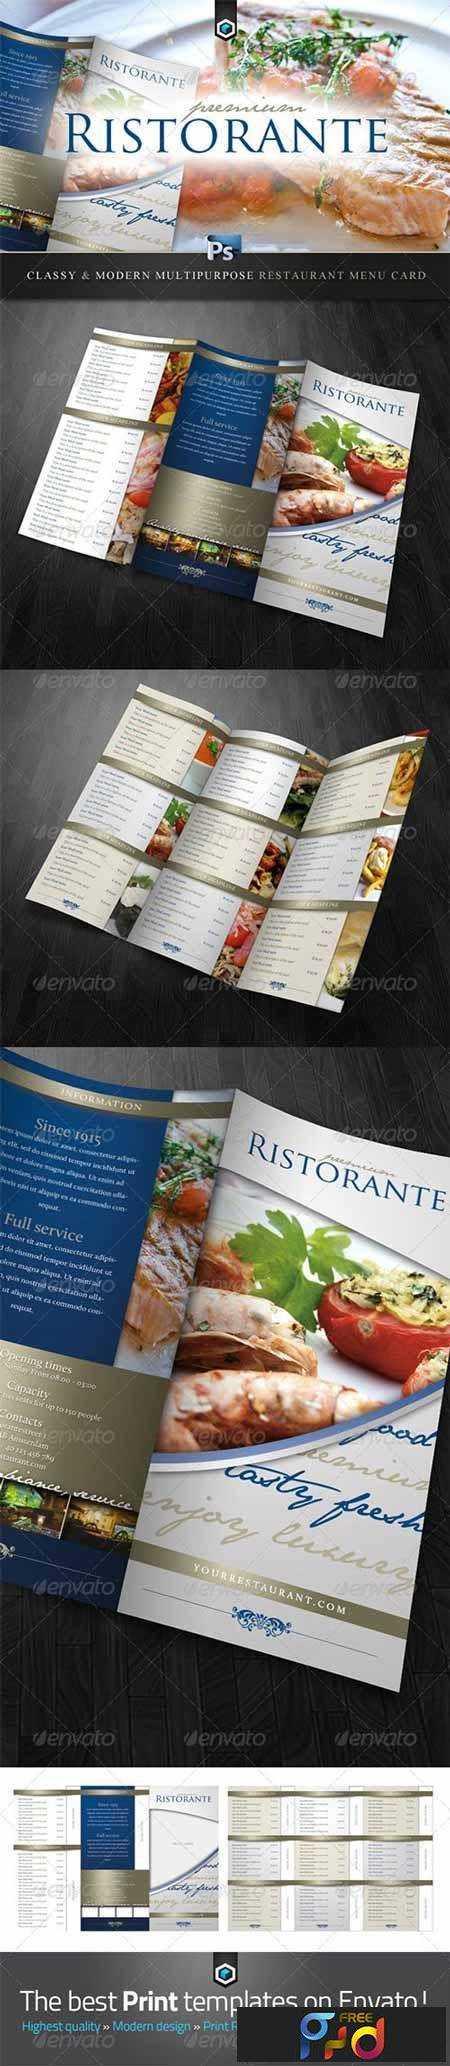 freepsdvn-com_1420590073_rw_classy_restaurant_menu_card_template_2201806